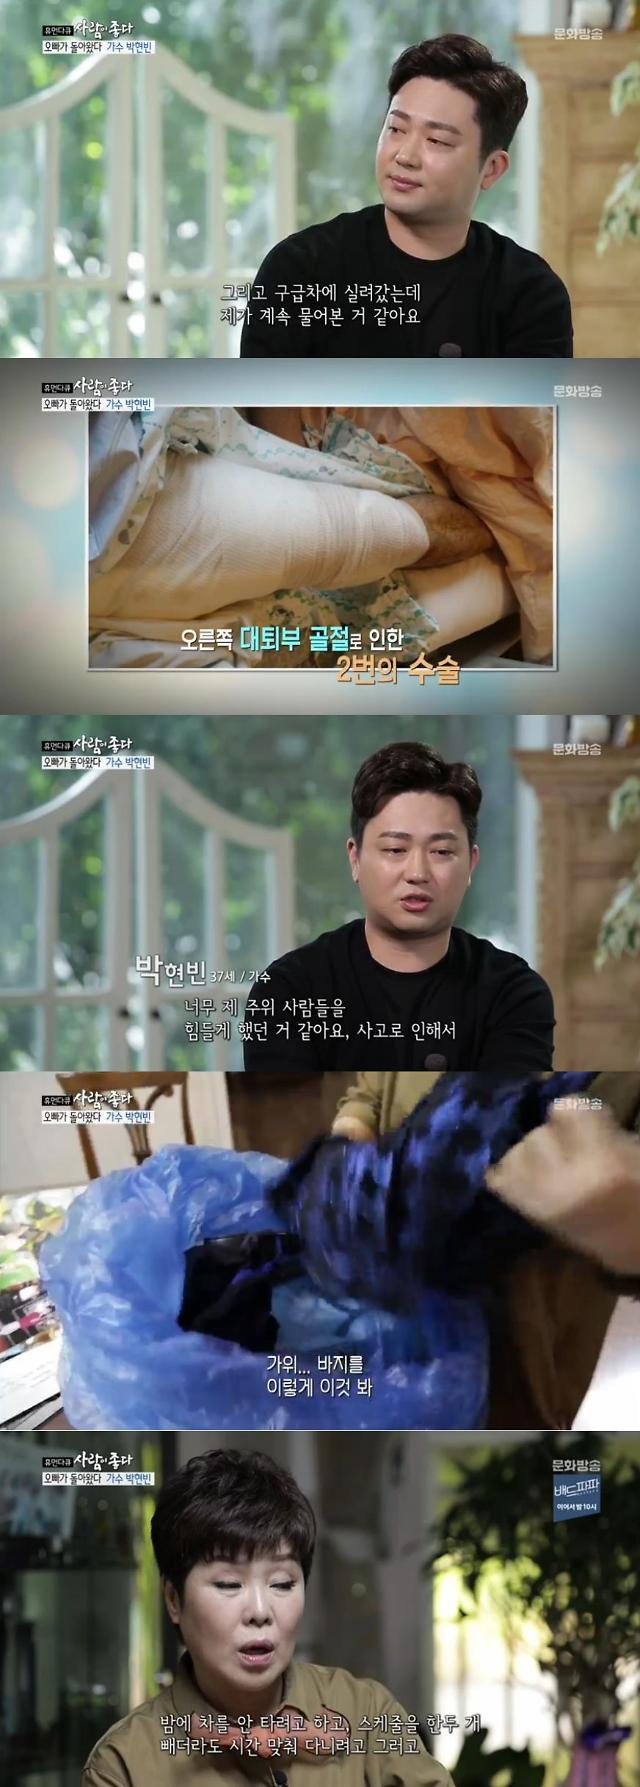 """[실시간 TV] 사람이 좋다 박현빈, 2년 전 교통사고 회상…""""다시 걷게 해달라 간절히 빌었다"""""""